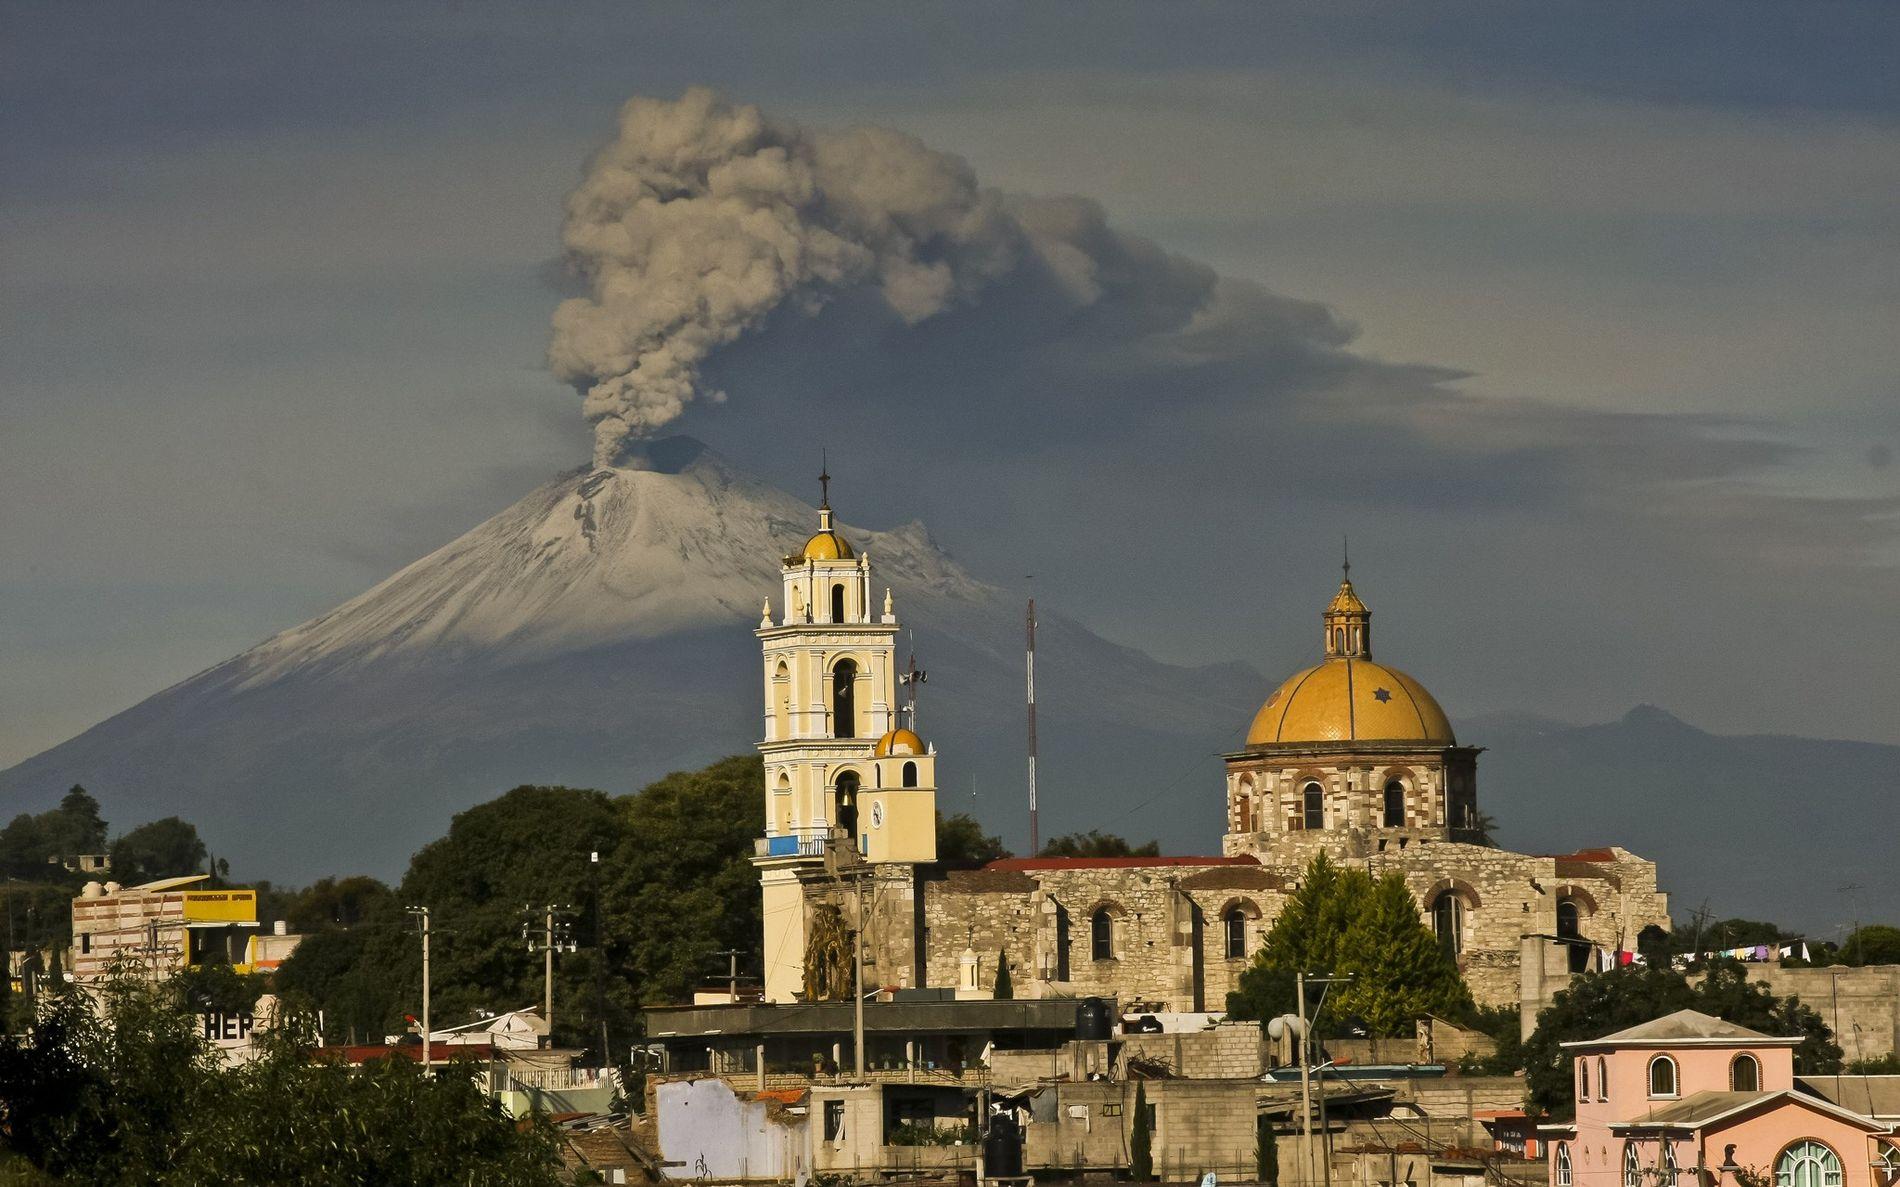 O vulcão Popocatépetl, no México, lança cinzas em julho de 2013. O pico faz parte do Cinturão Vulcânico Transmexicano, uma região que, de acordo com sismólogos, pode apresentar um risco de terremoto maior do que o previsto.